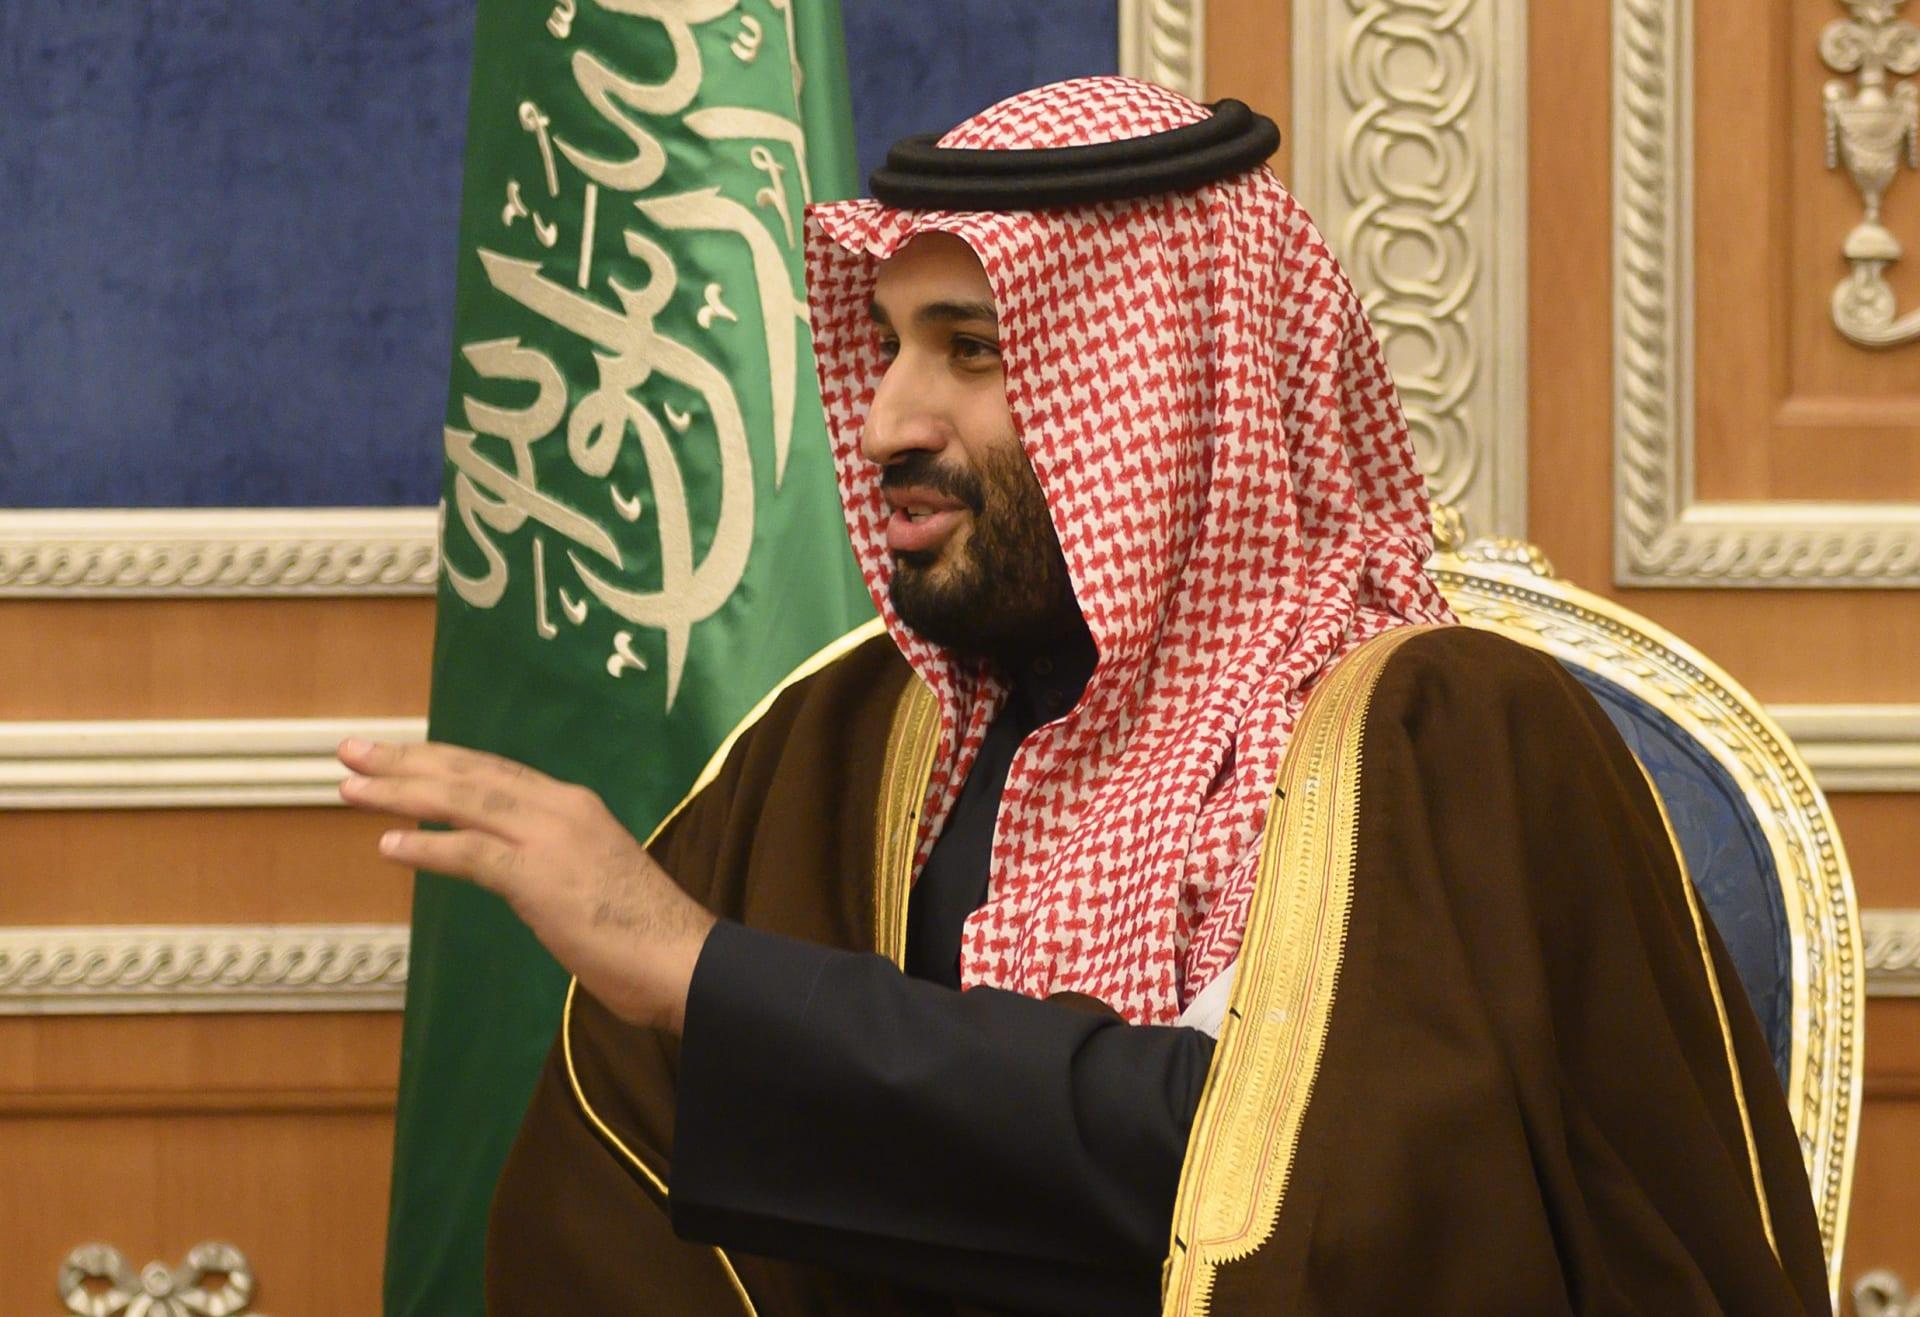 ولي العهد السعودي يلفت الأنظار بتصرف أخلاقي مع أمير الرياض